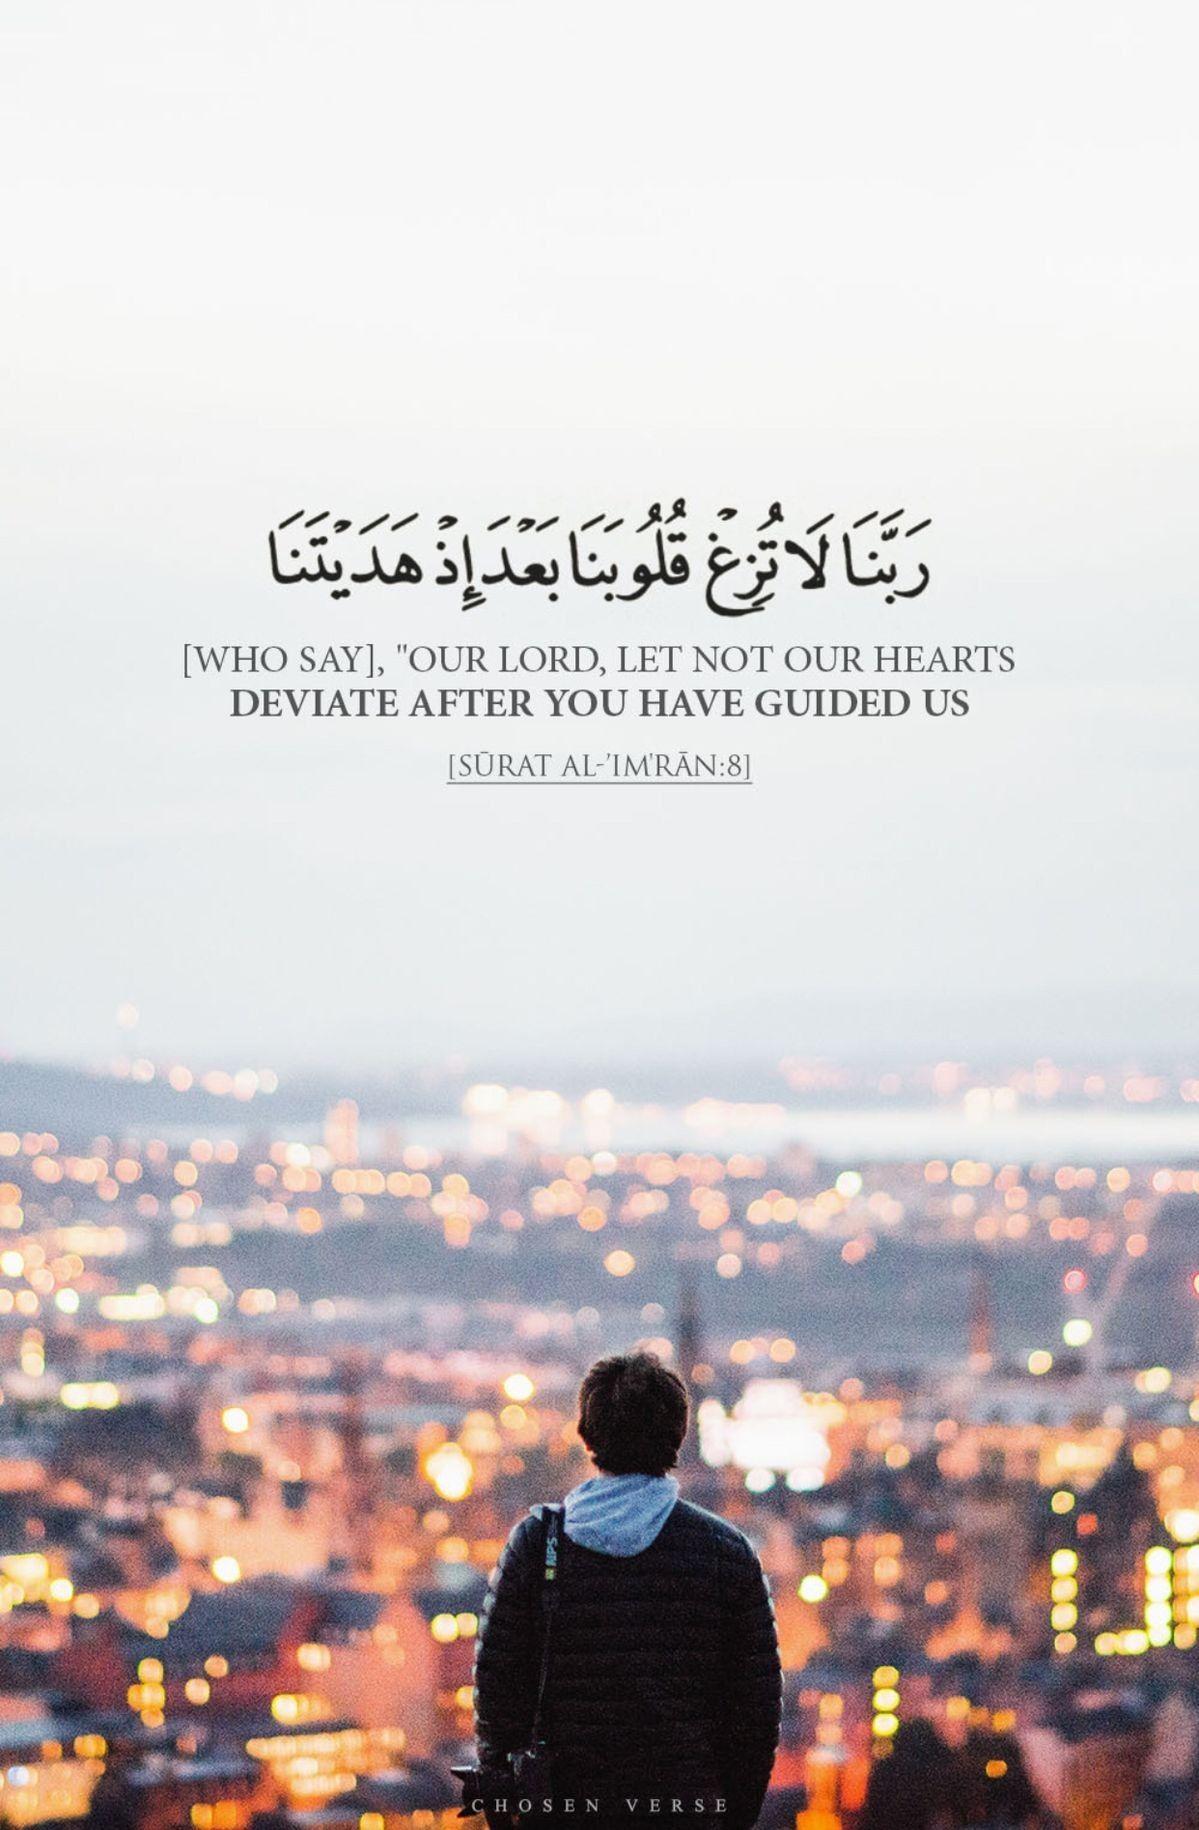 Pin By Syarashida On Islam Quran Quotes Quran Quotes Love Quran Quotes Inspirational